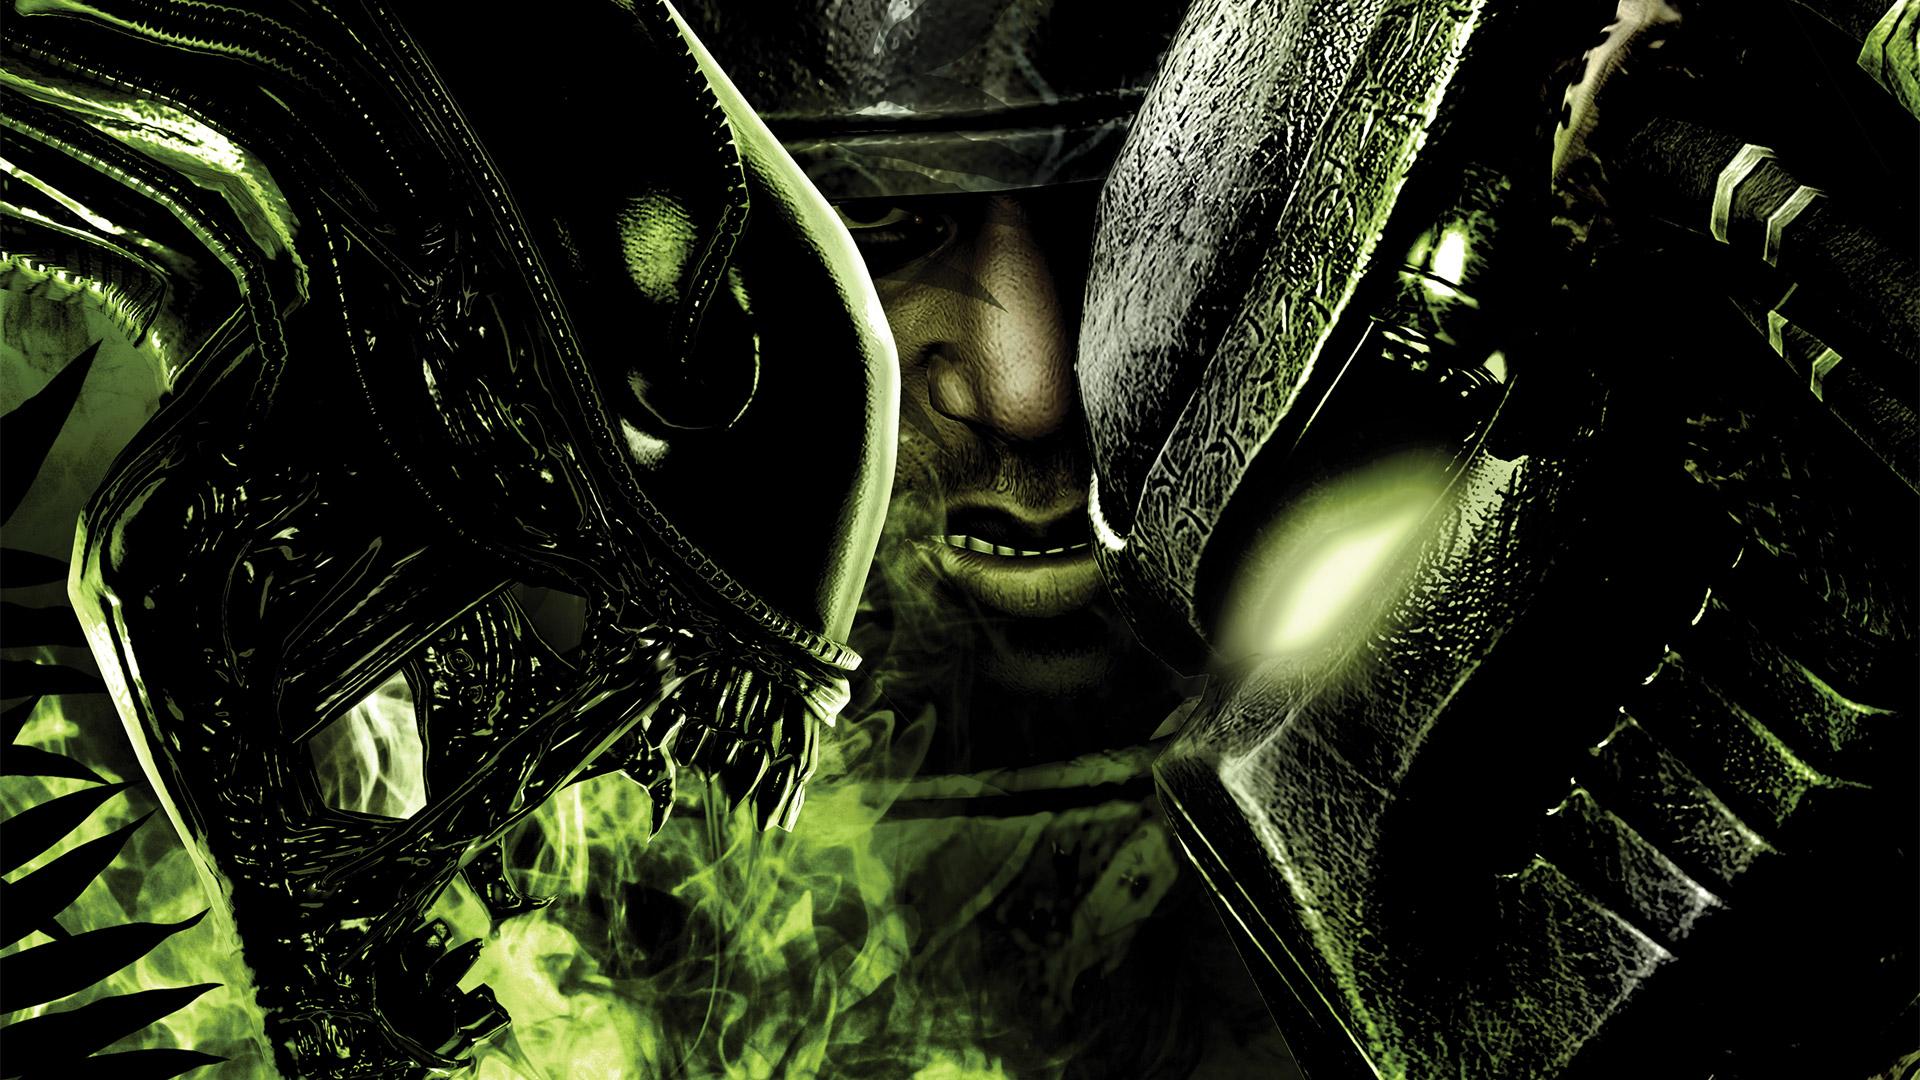 Alien Vs Predator Hd Wallpapers: Alien Gear Wallpaper